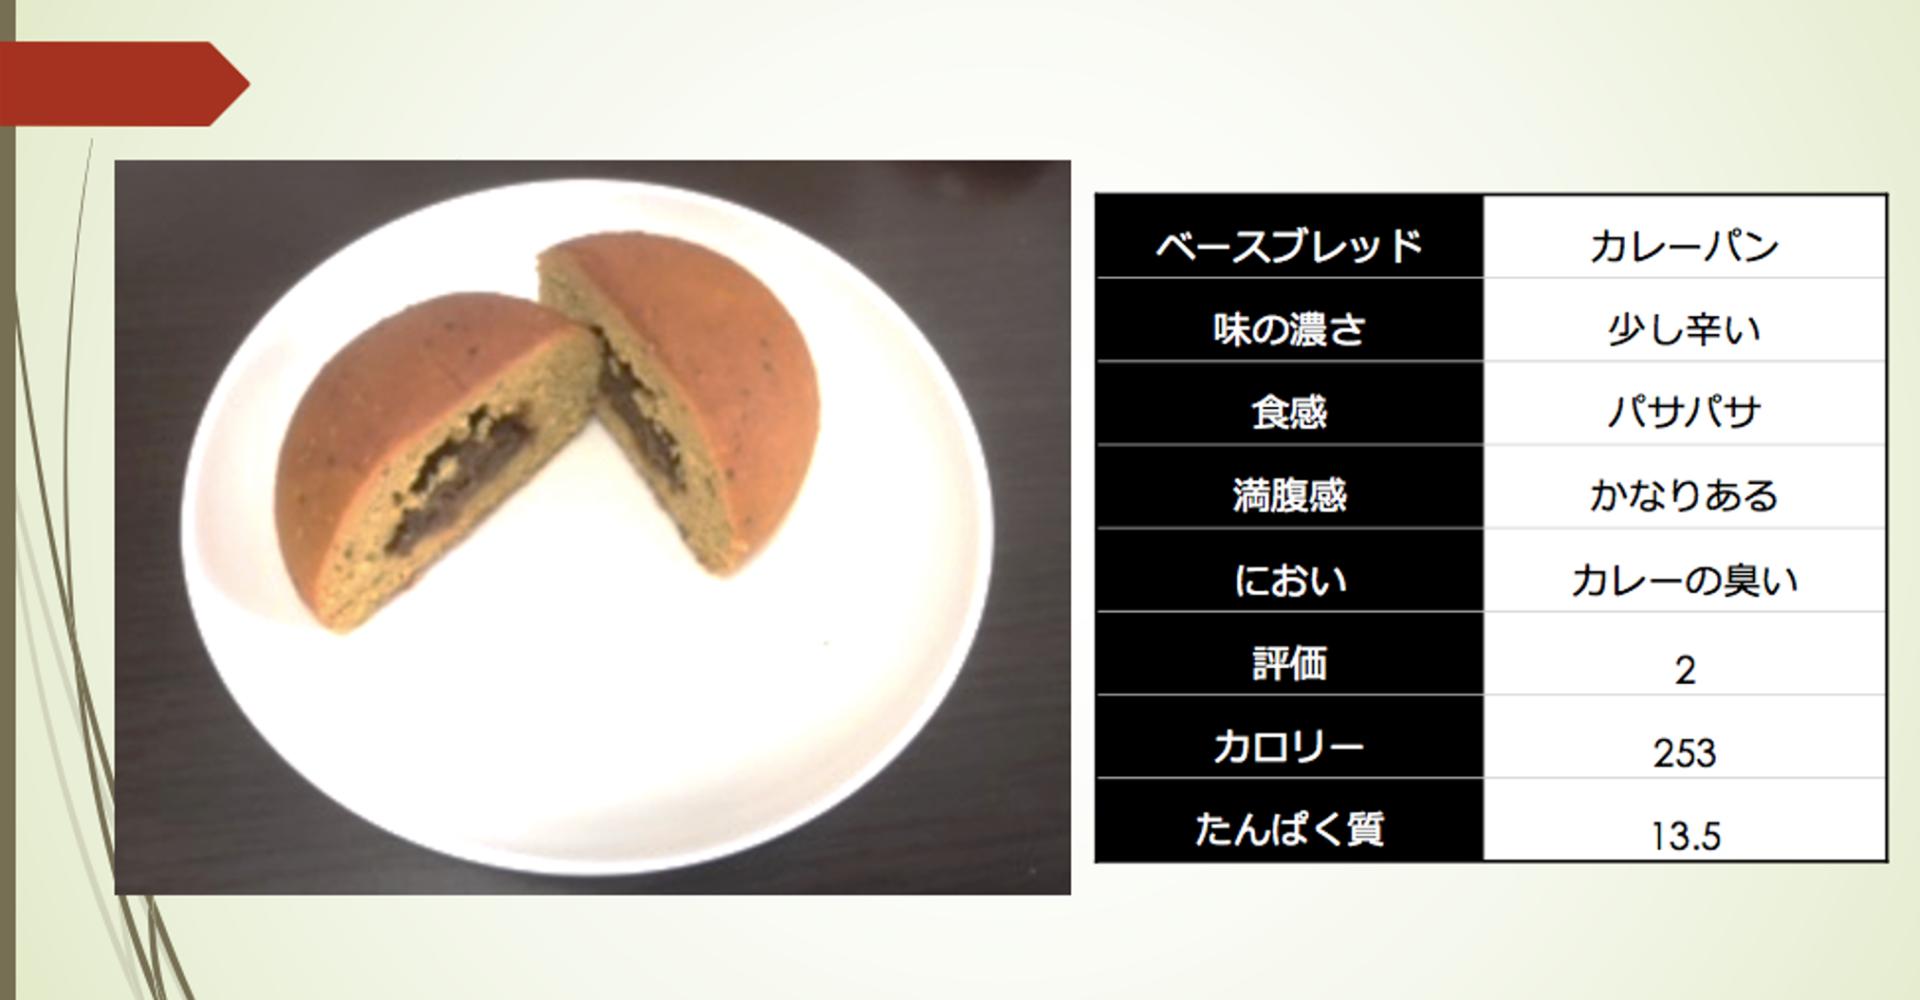 ベースブレッド栄養:カレーパン